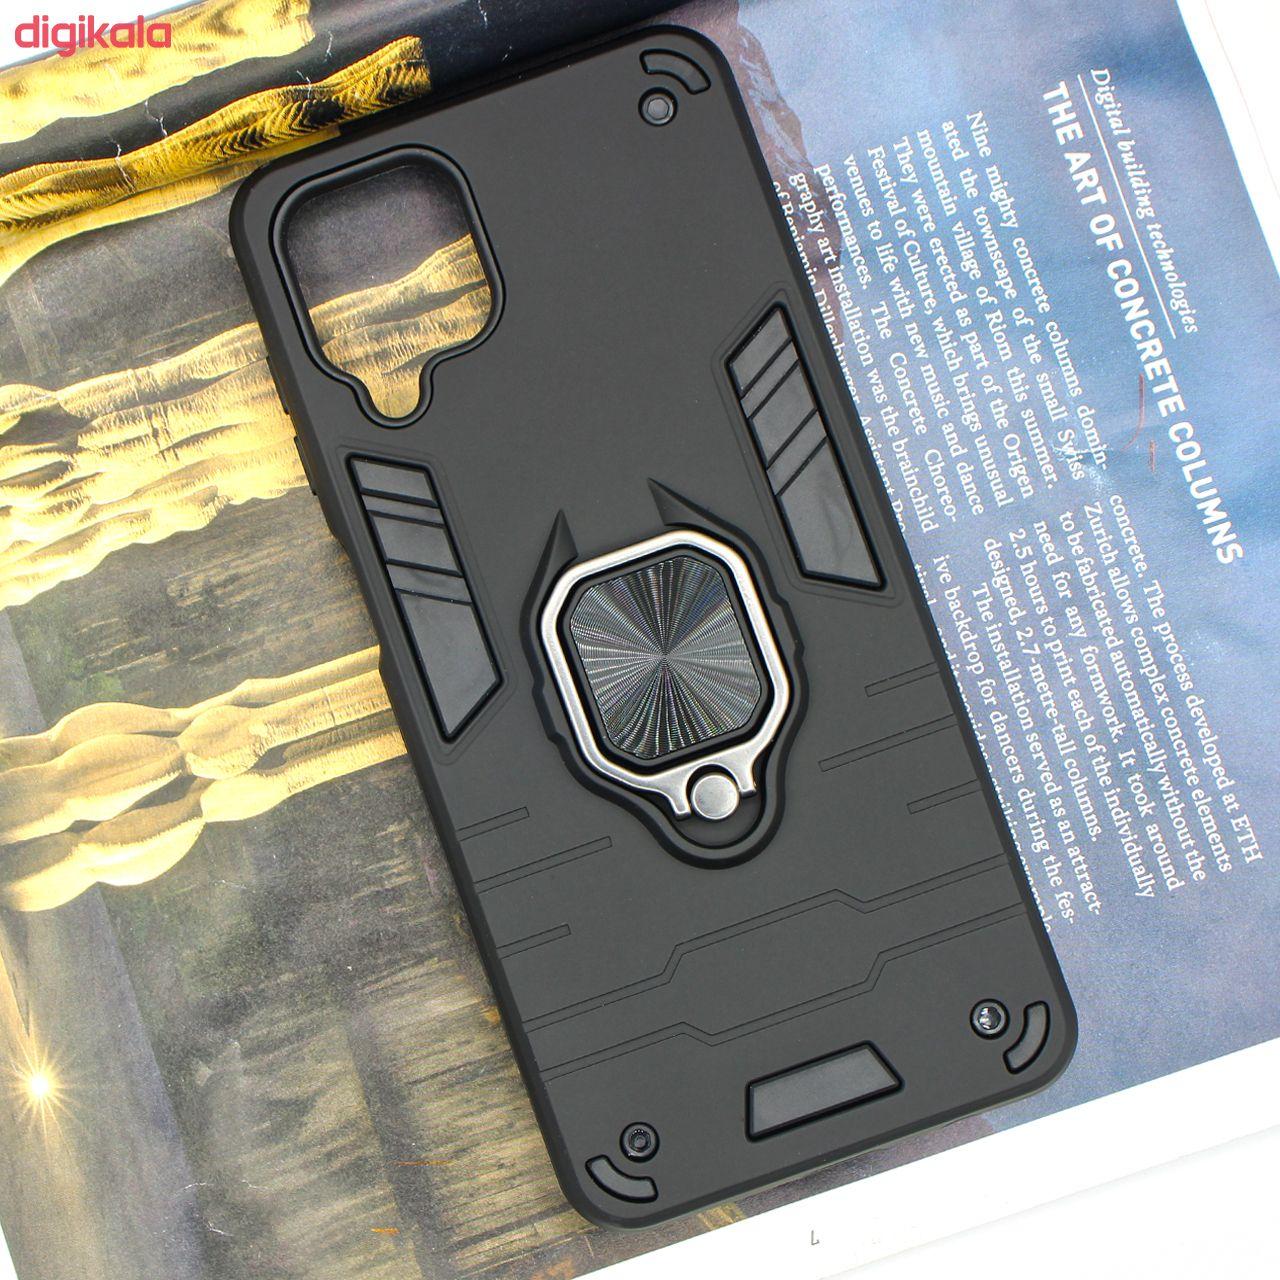 کاور کینگ پاور مدل ASH22 مناسب برای گوشی موبایل سامسونگ Galaxy A12 main 1 14